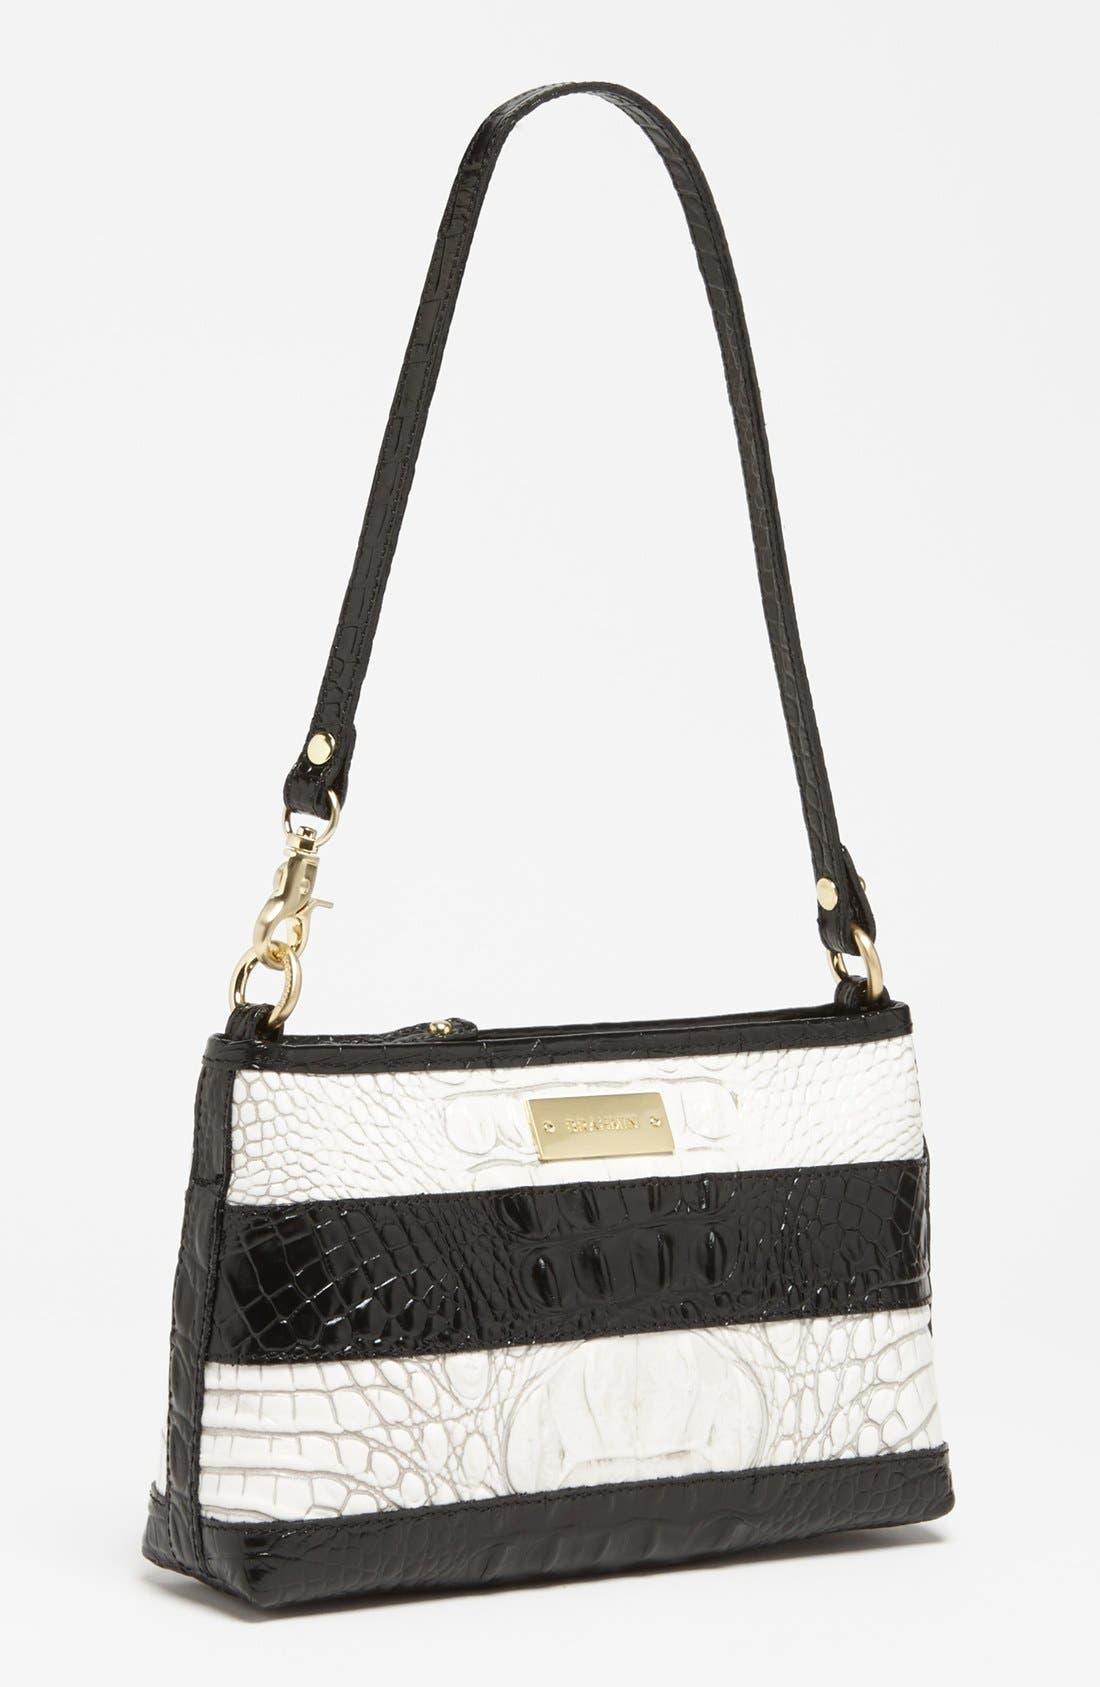 Main Image - Brahmin 'Anytime - Mini' Handbag